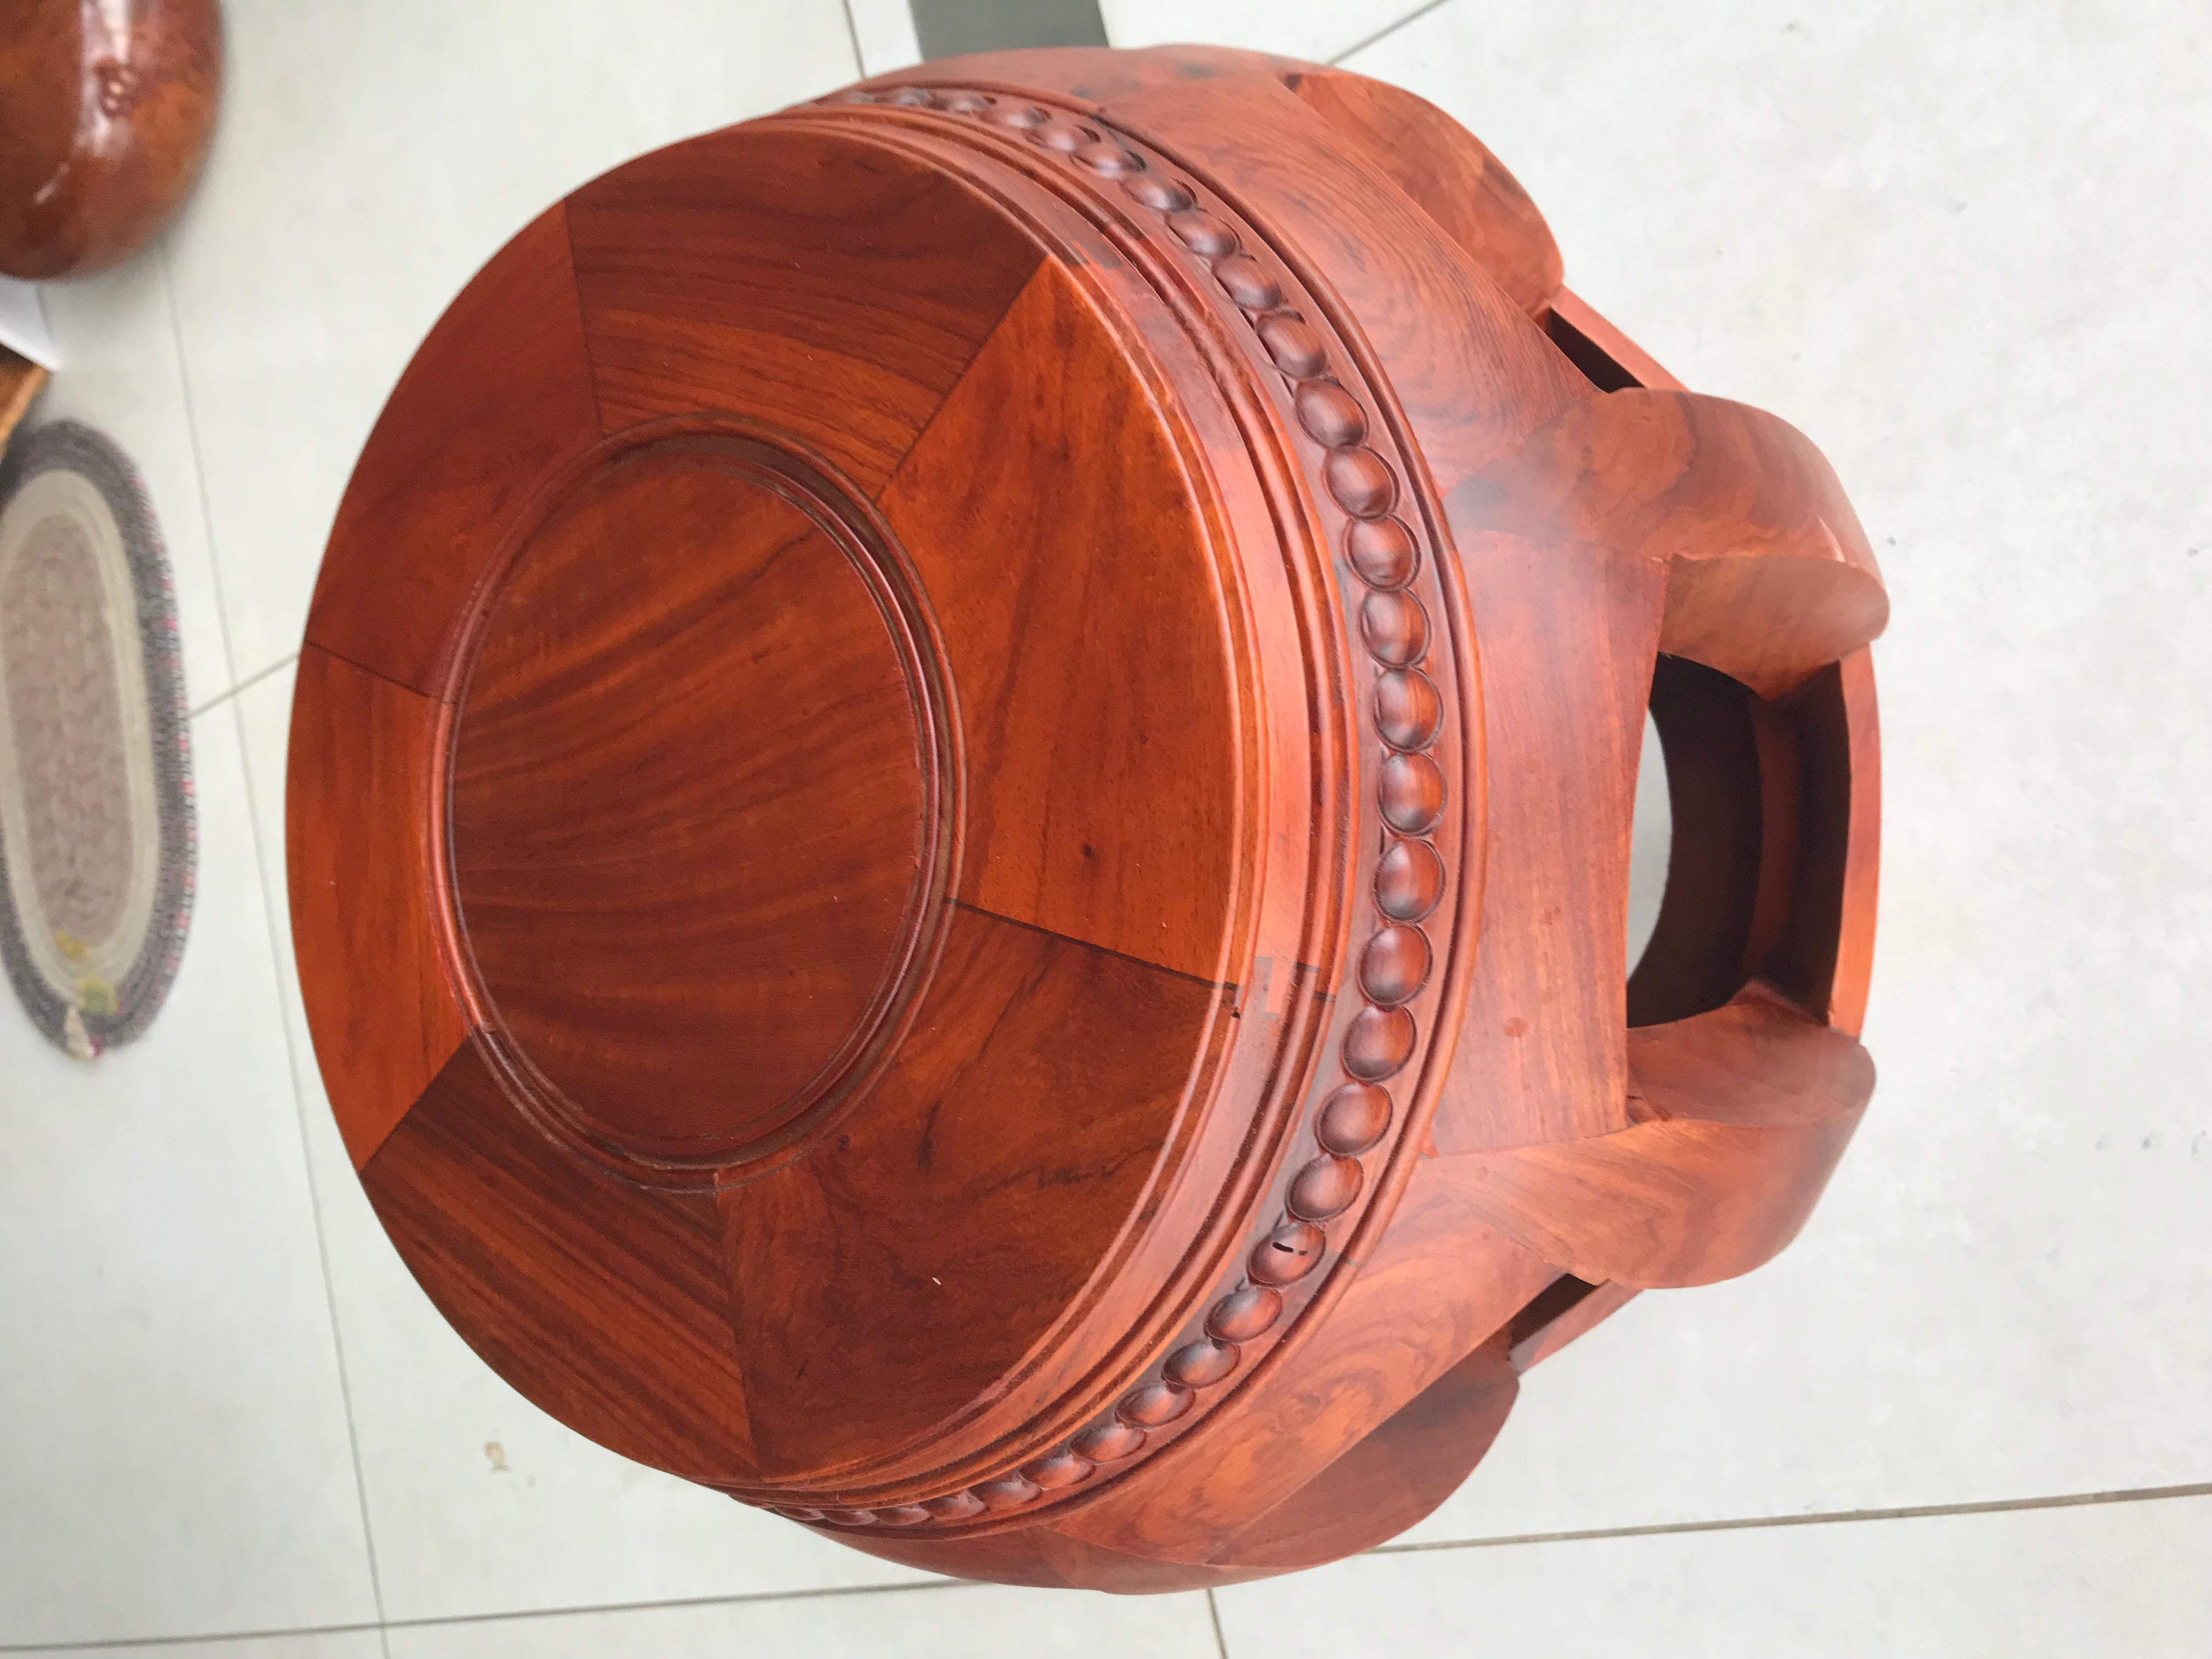 Đôn trông gỗ hương gia lai cao 42cm rộng 30cm dầy 4cm